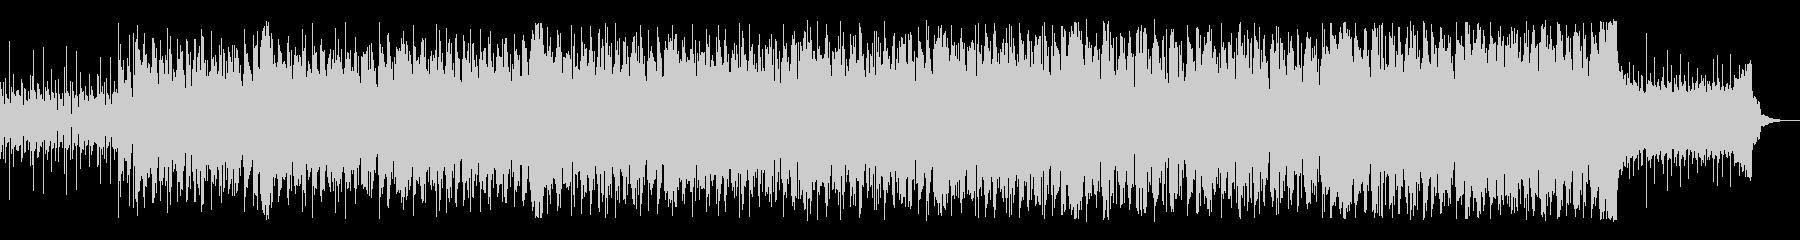 軽快なピアノテクノポップスの未再生の波形